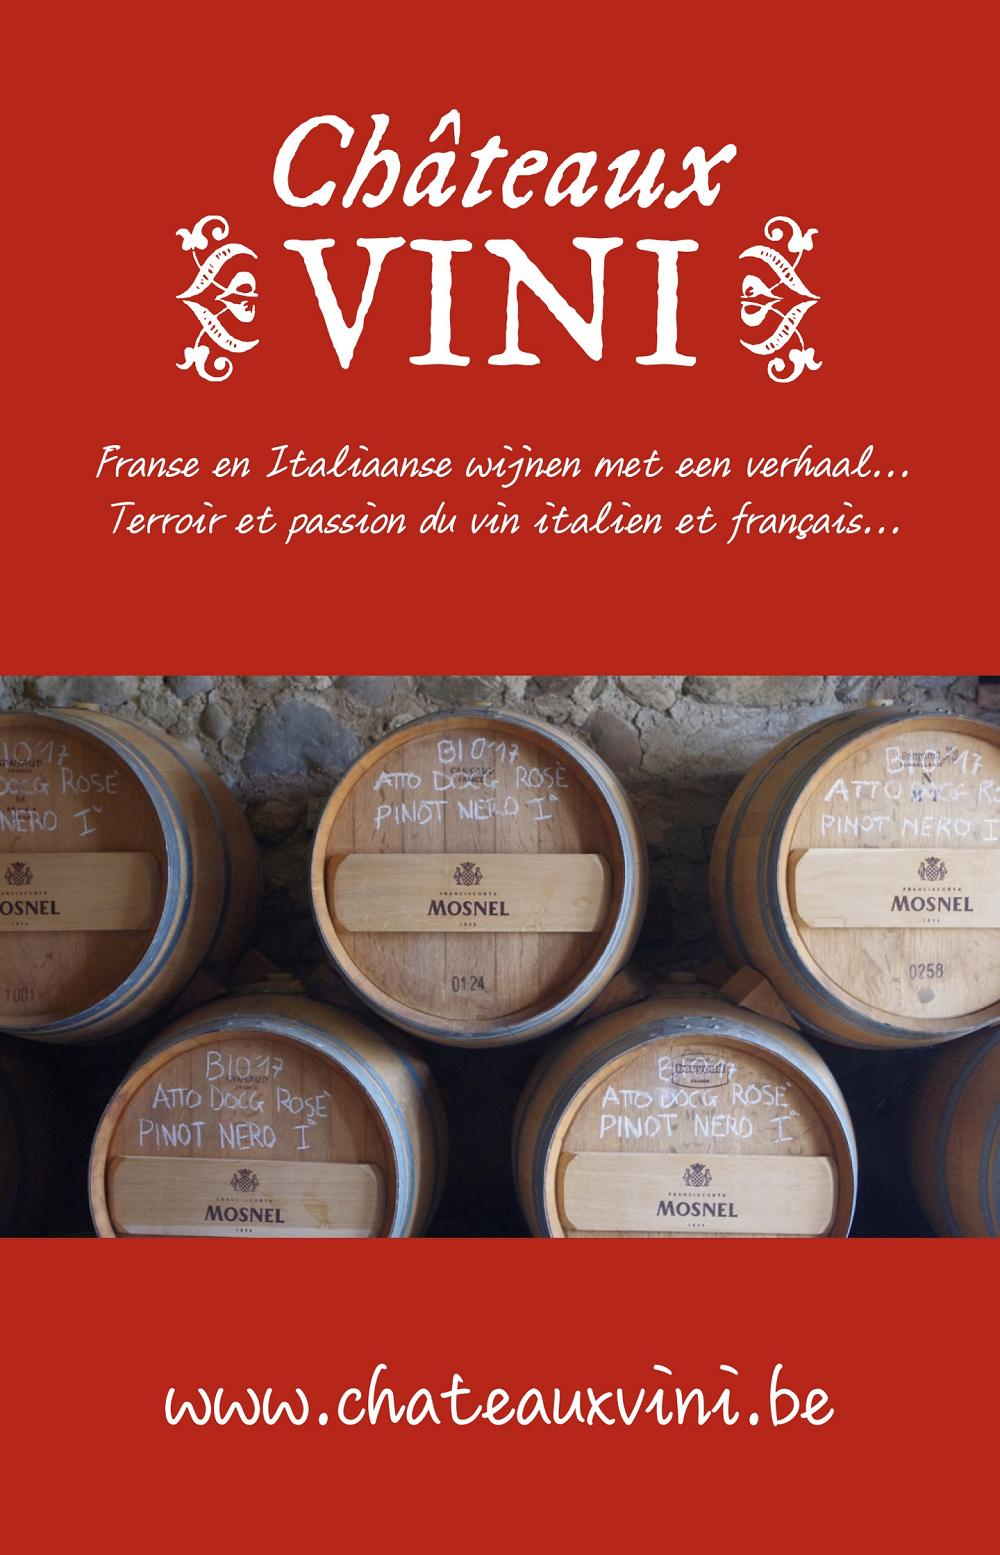 Châteaux Vini